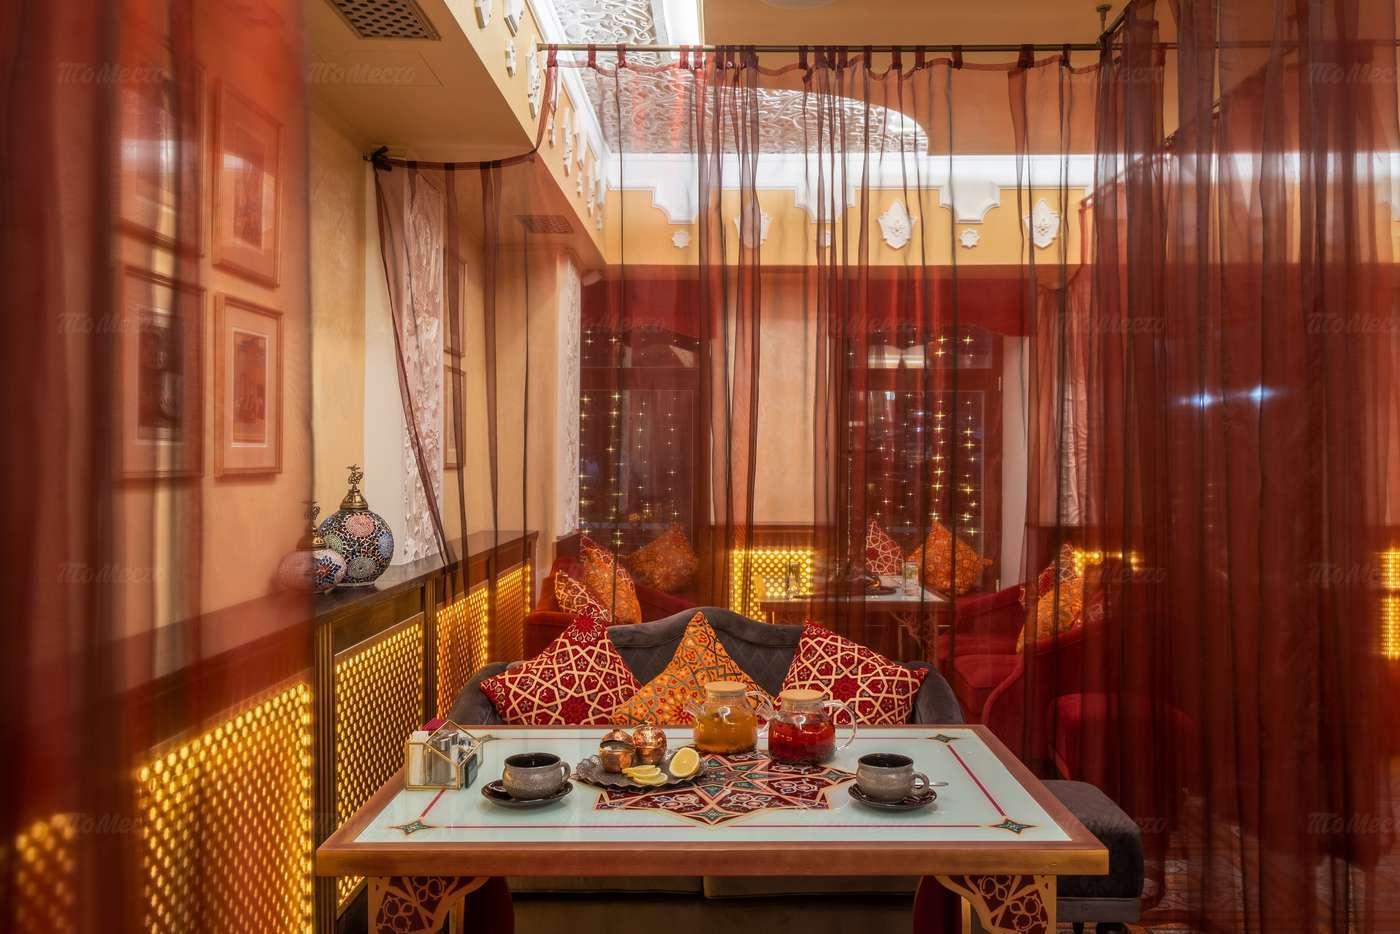 Ресторан Омар Хайям в Большом Черкасском переулке фото 17